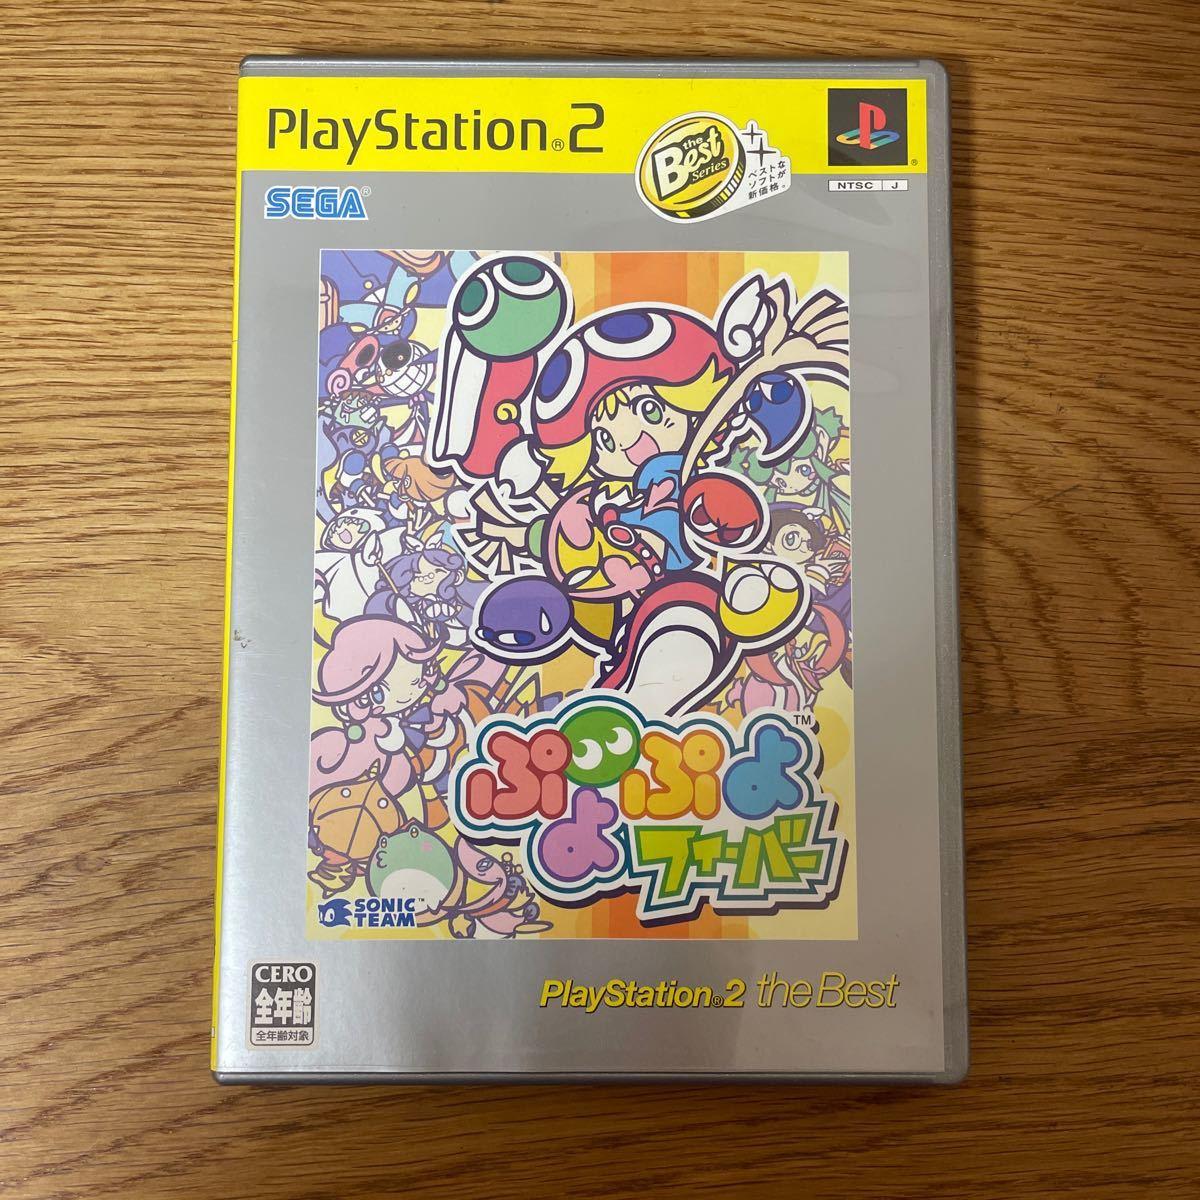 ぷよぷよフィーバー(PlayStation 2 the Best)